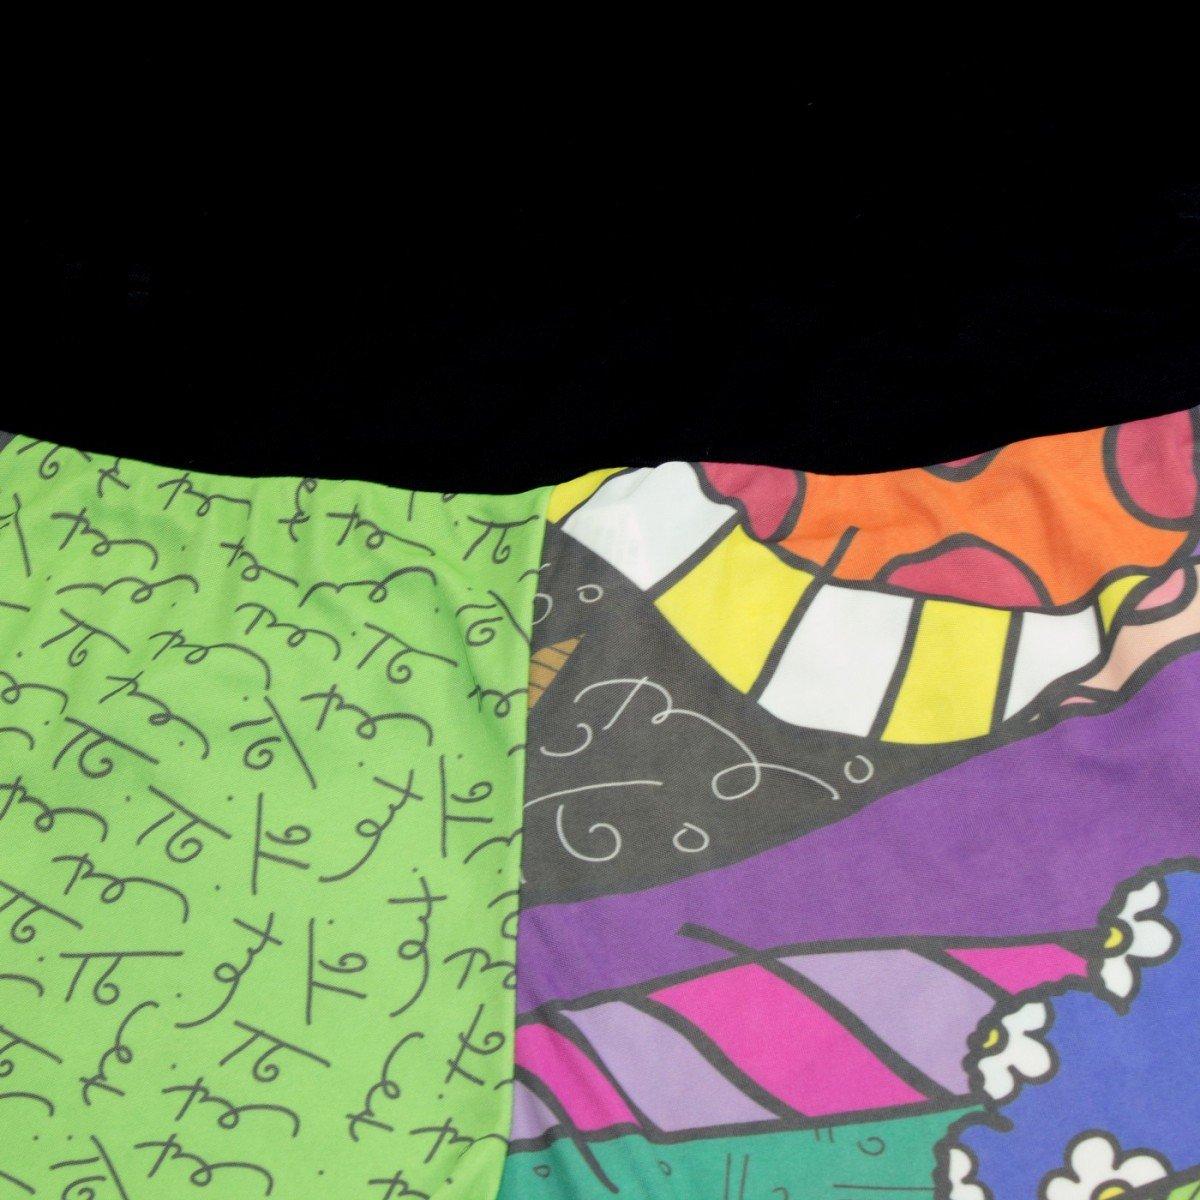 08621 Recco Preto Regata Regata Preto Recco Pijama Pijama Viscose 08621 Viscose Regata Pijama Viscose UpA5qwp7